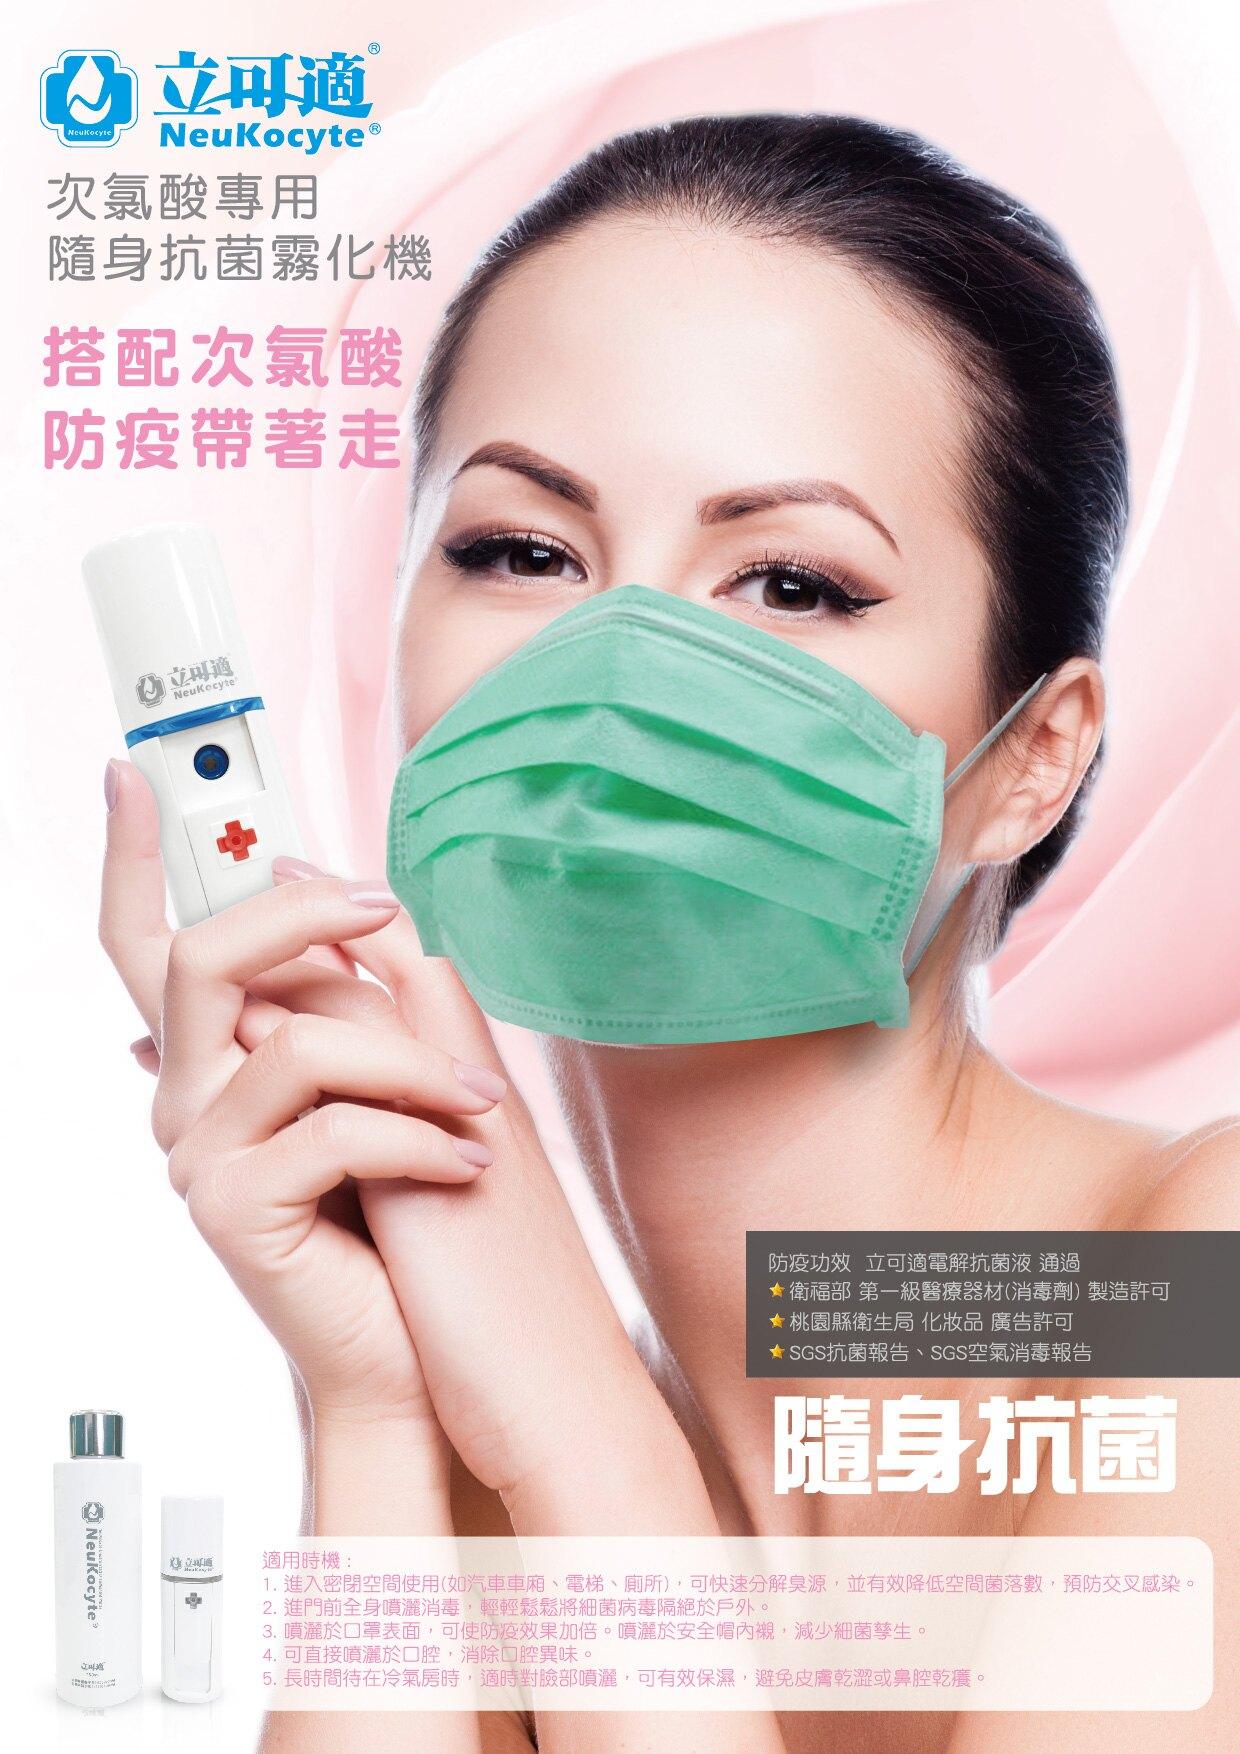 防疫首選 隨身抗菌 環淨清潔隨身攜帶